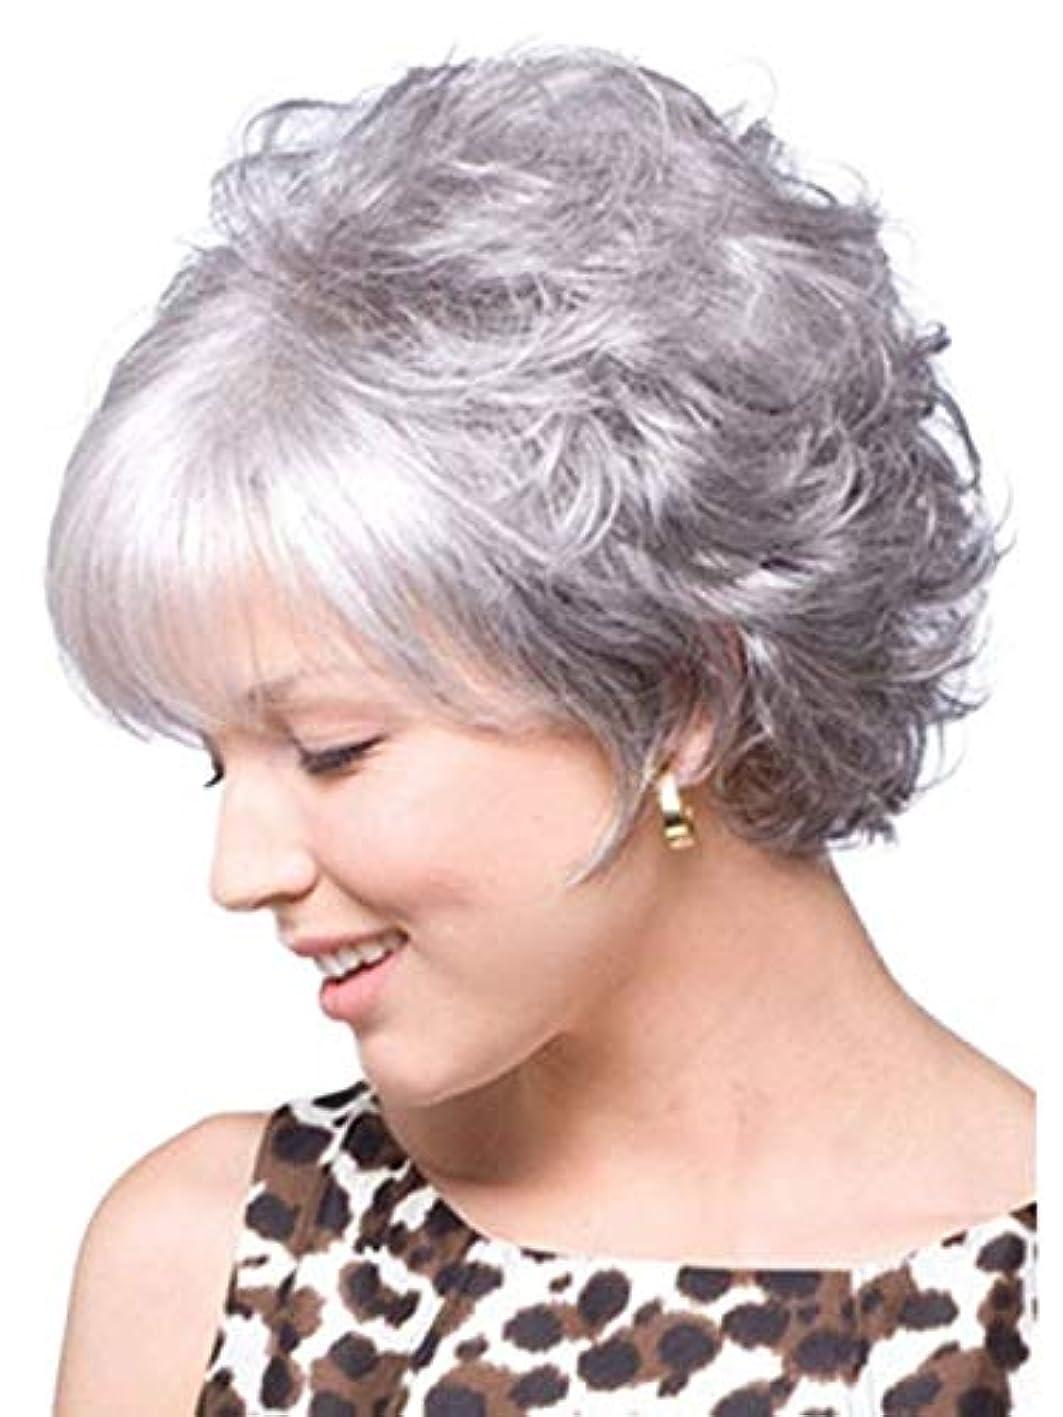 従来の本質的に浸すウィッグキャップ付きパーティーコスプレ用女性ショートシルバーグレーヘアウィッグ (Color : Gray+Silver)